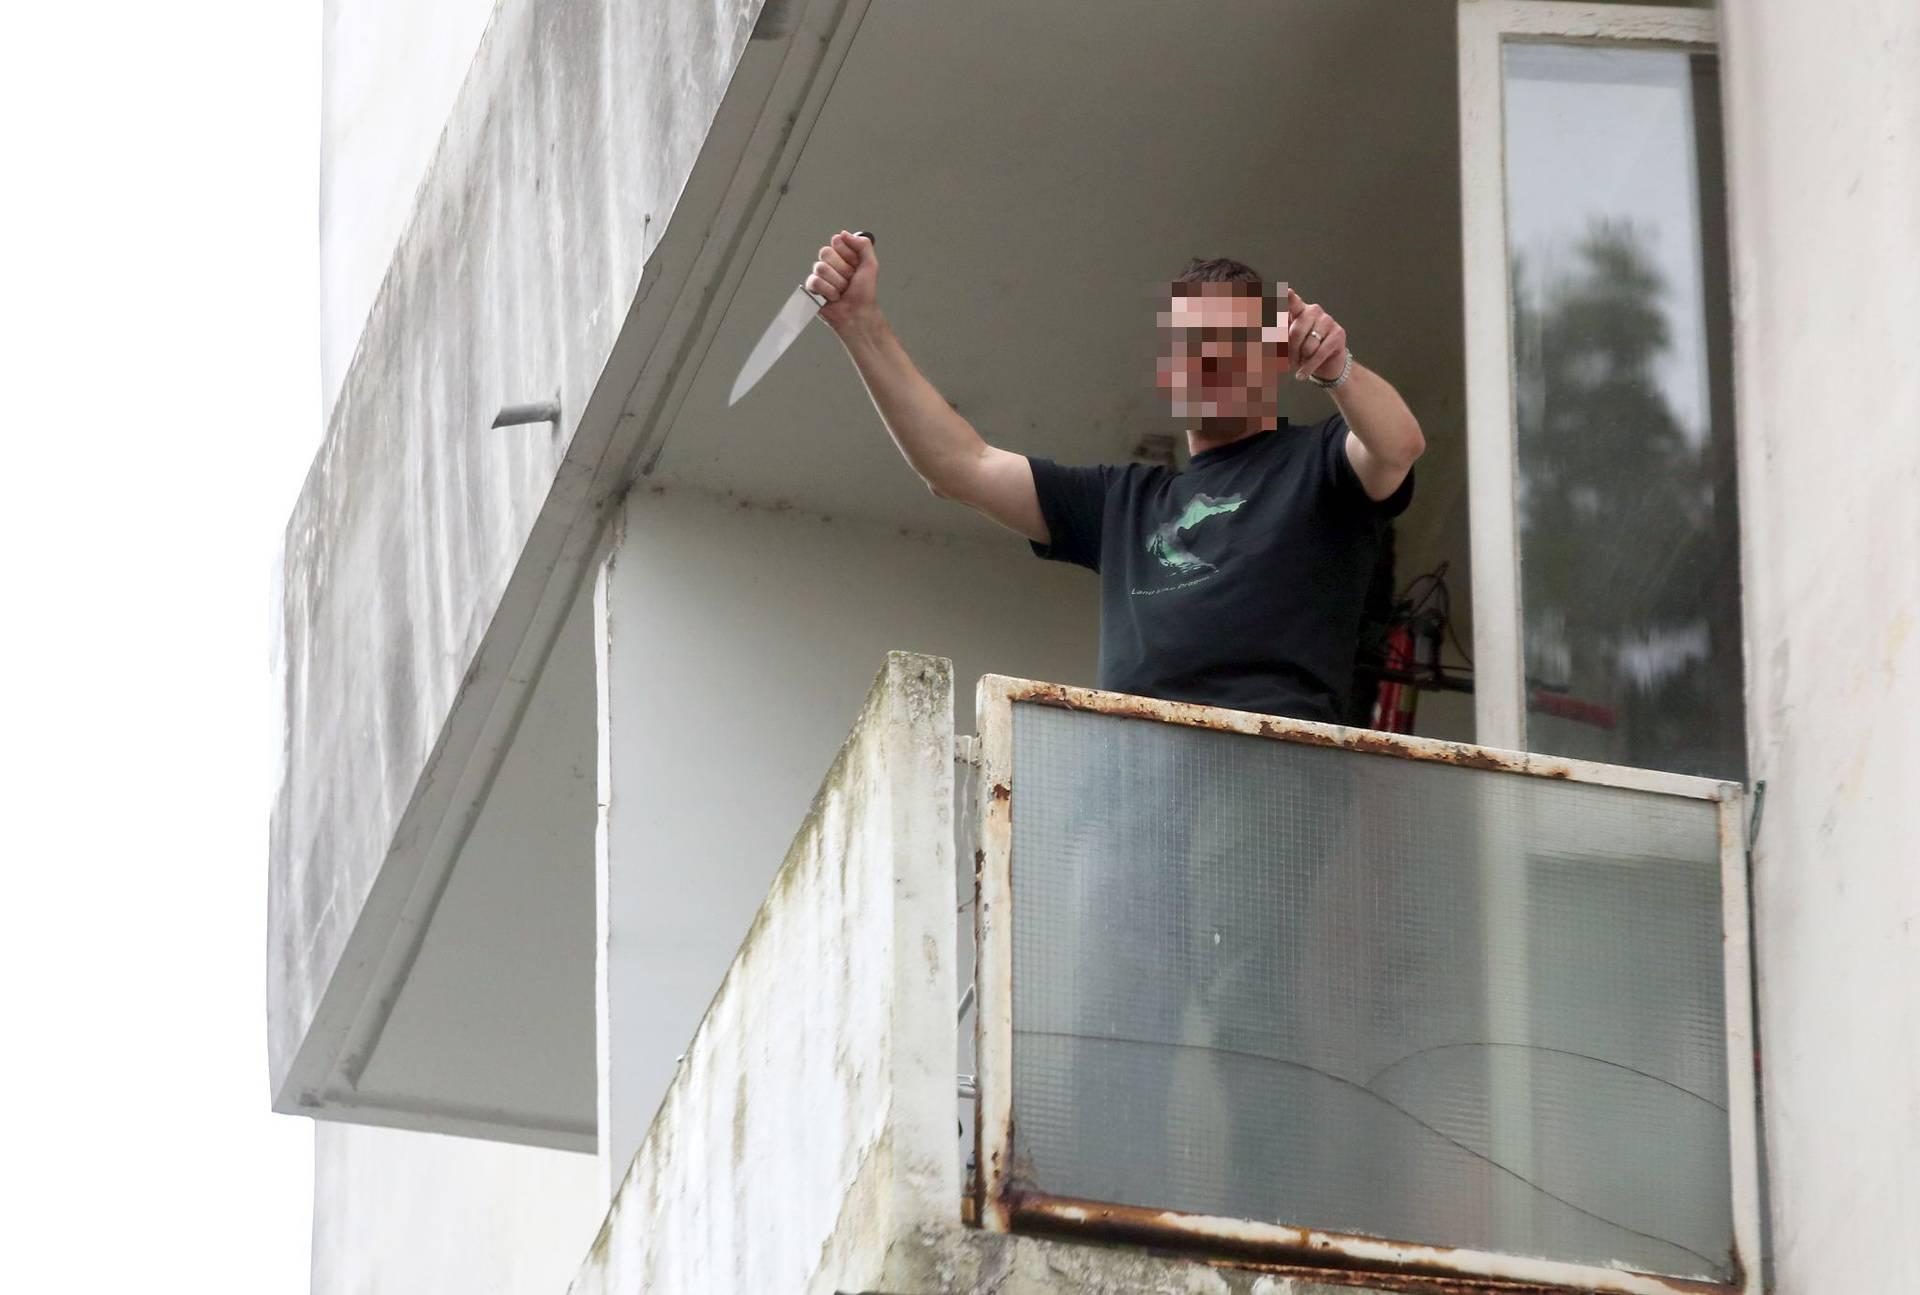 Mrsić o kolegi koji je razbijao i urlao u Sopotu: Jako nam ga je žao, sve je to zbog stresa...